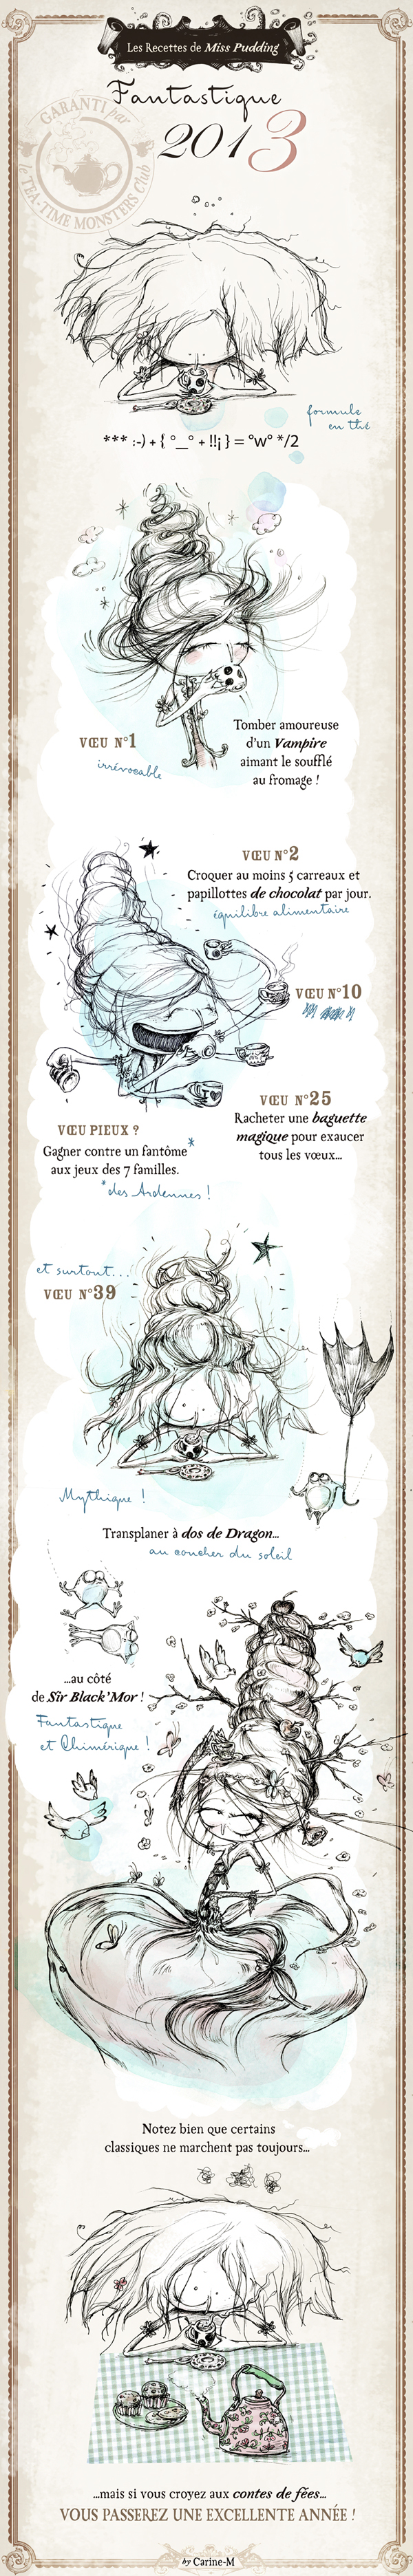 missPudding_croire-aux-contes-de-fees2013